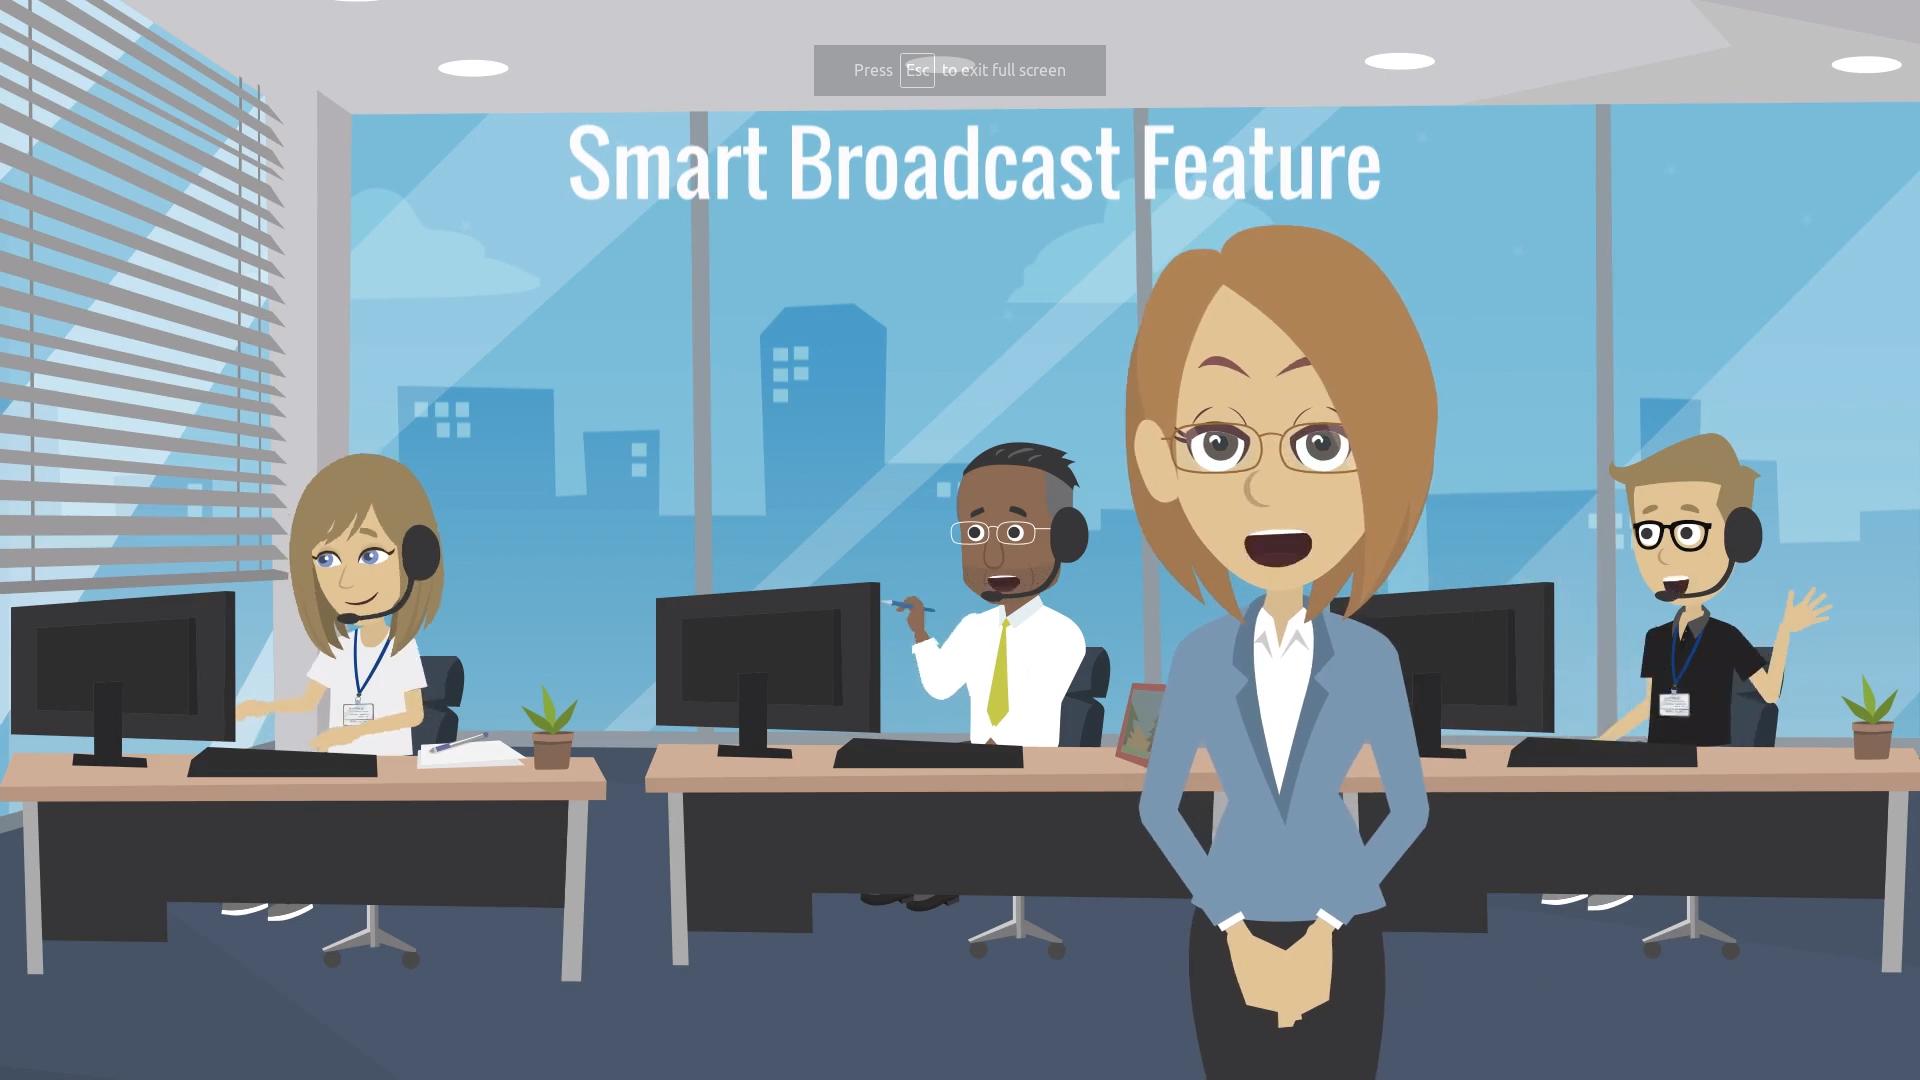 Smart broadcasts